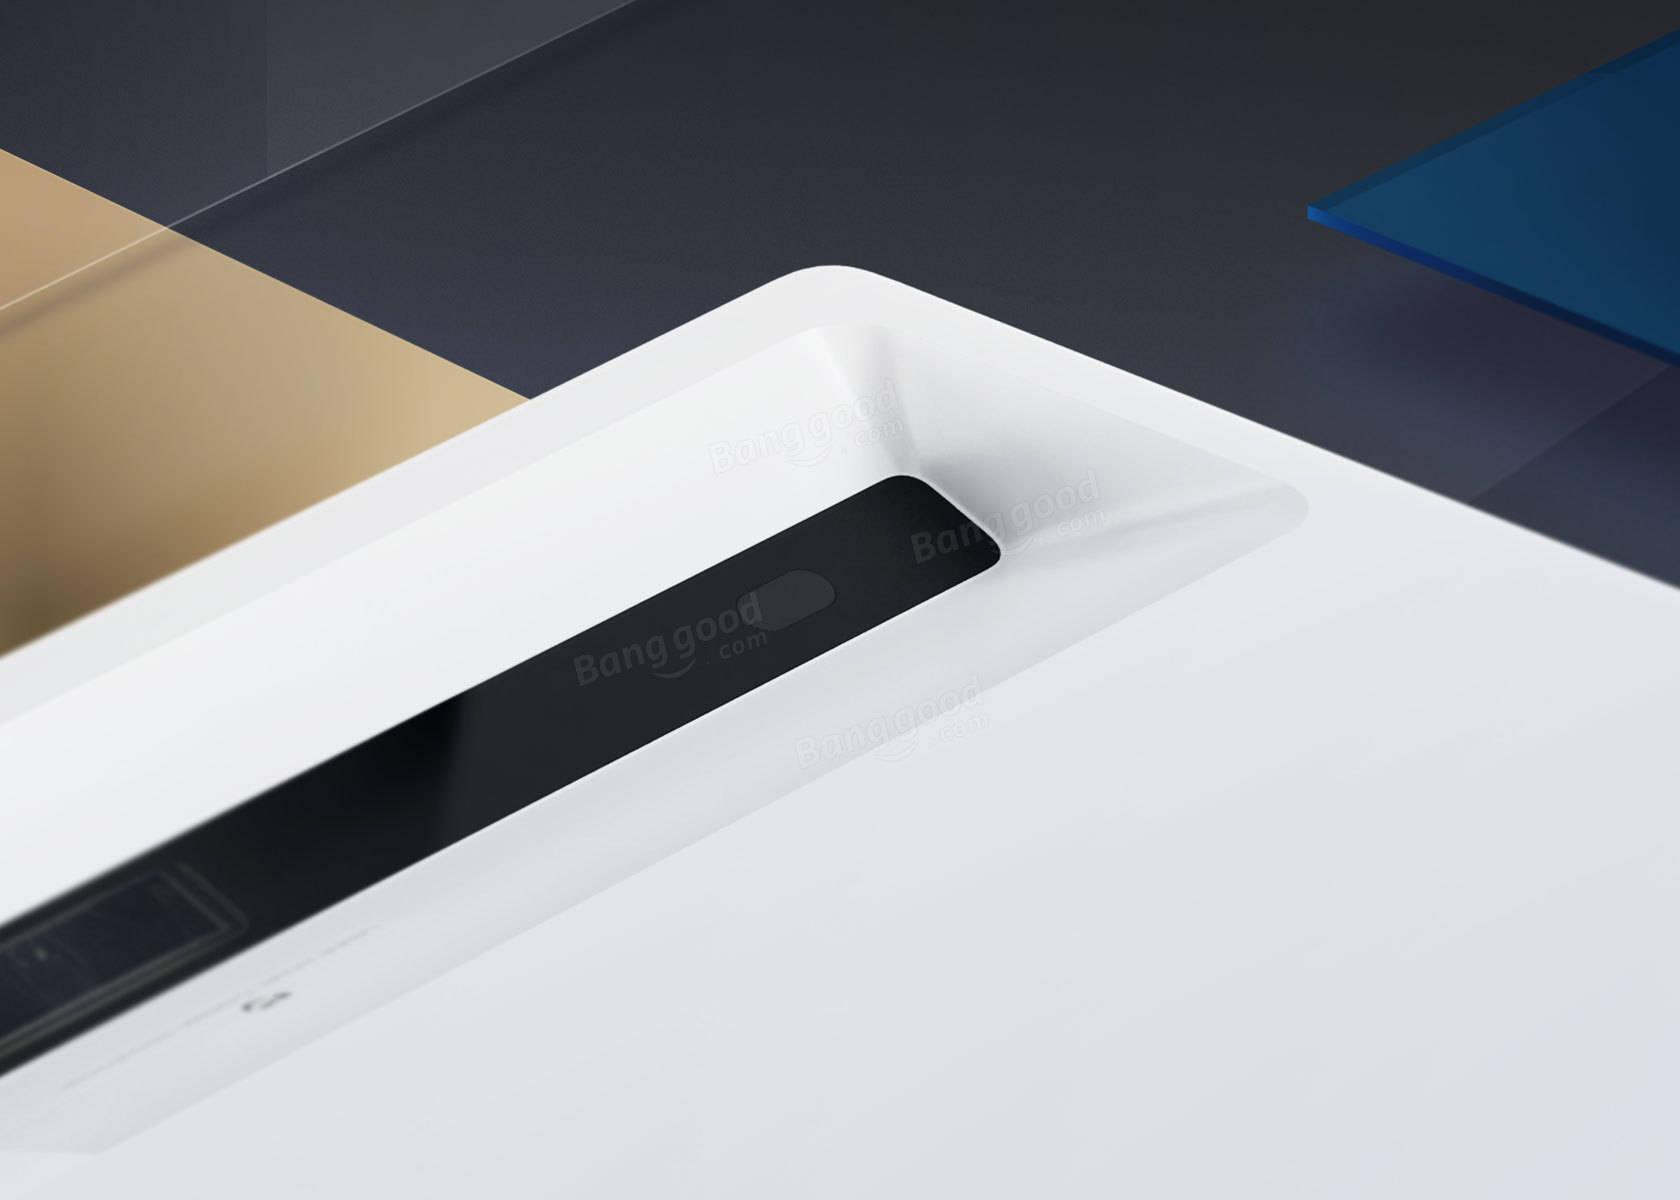 Xiaomi Mi Mijia Laser Projetor 5000 Lumens Android 6 0